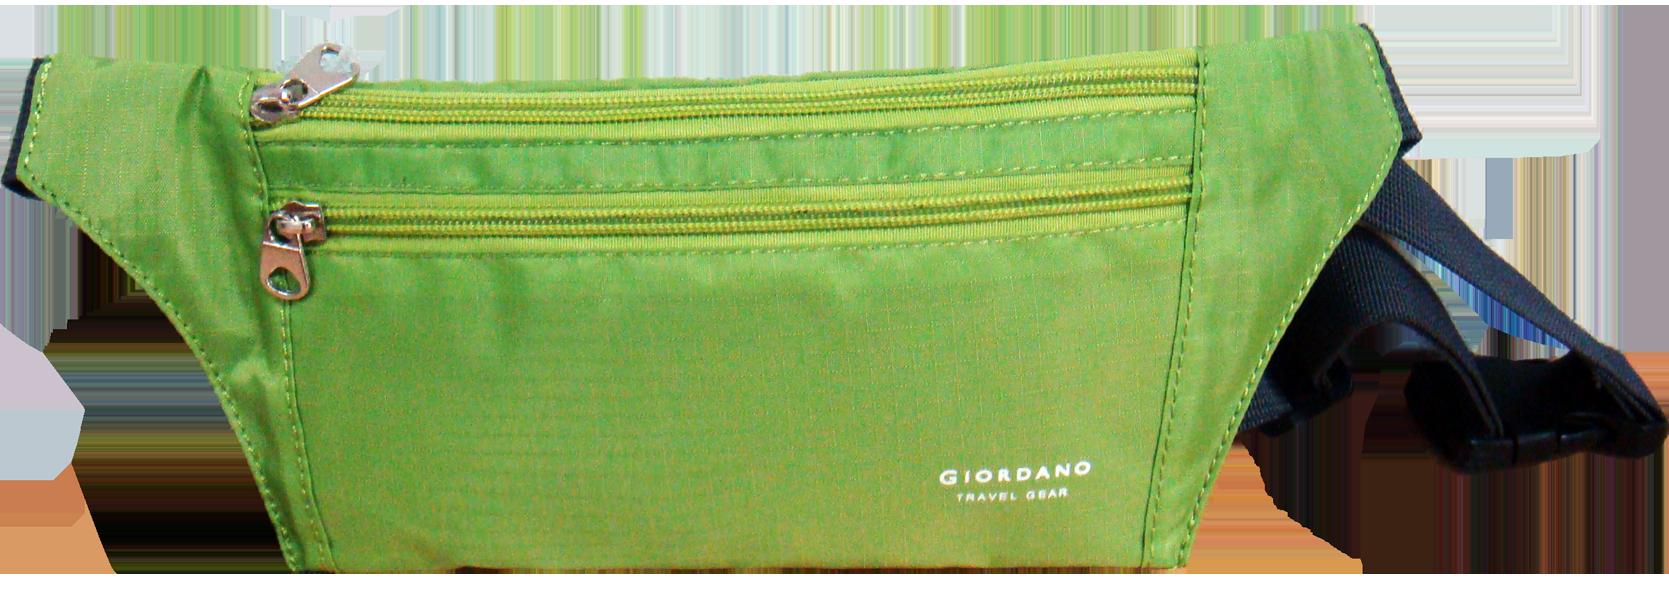 Giordano 1063-0017 Stylist Waist Pouch